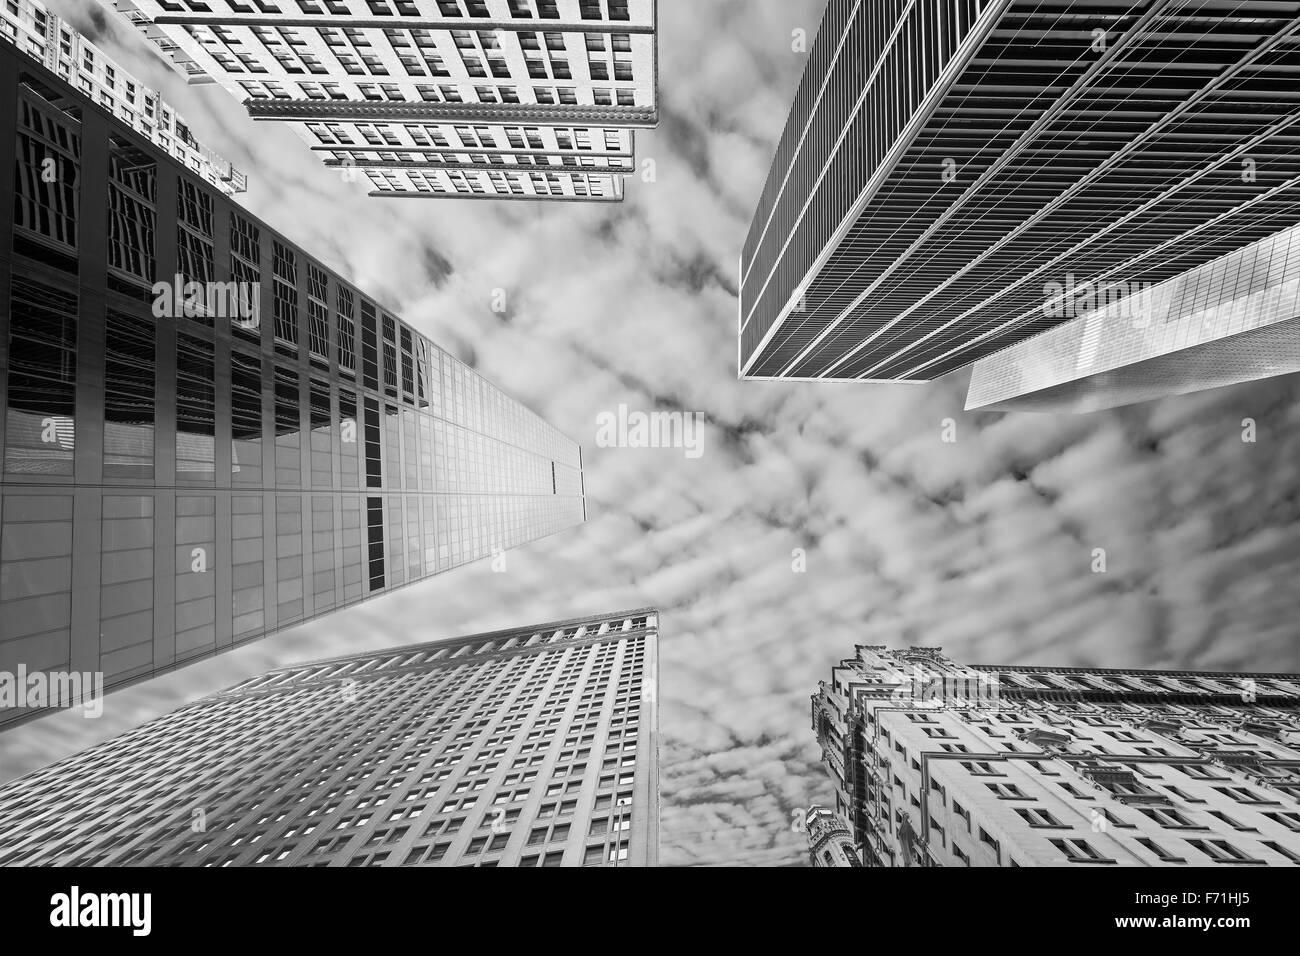 Immagine in bianco e nero di New York grattacieli, STATI UNITI D'AMERICA. Foto Stock